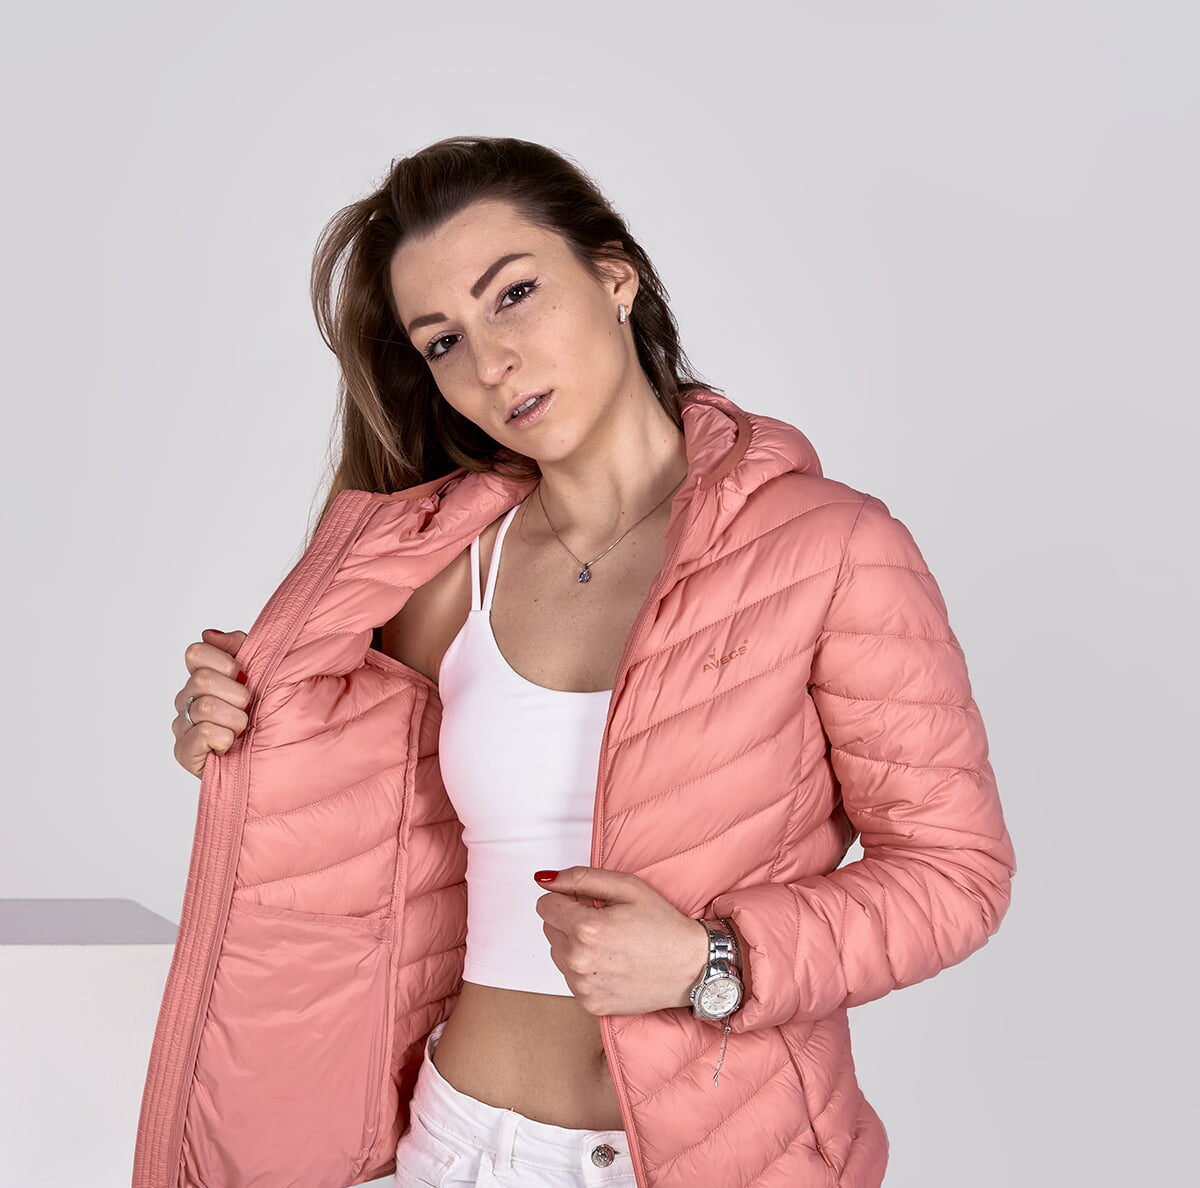 Як вибрати стильні жіночі куртки «LeBoutique»*